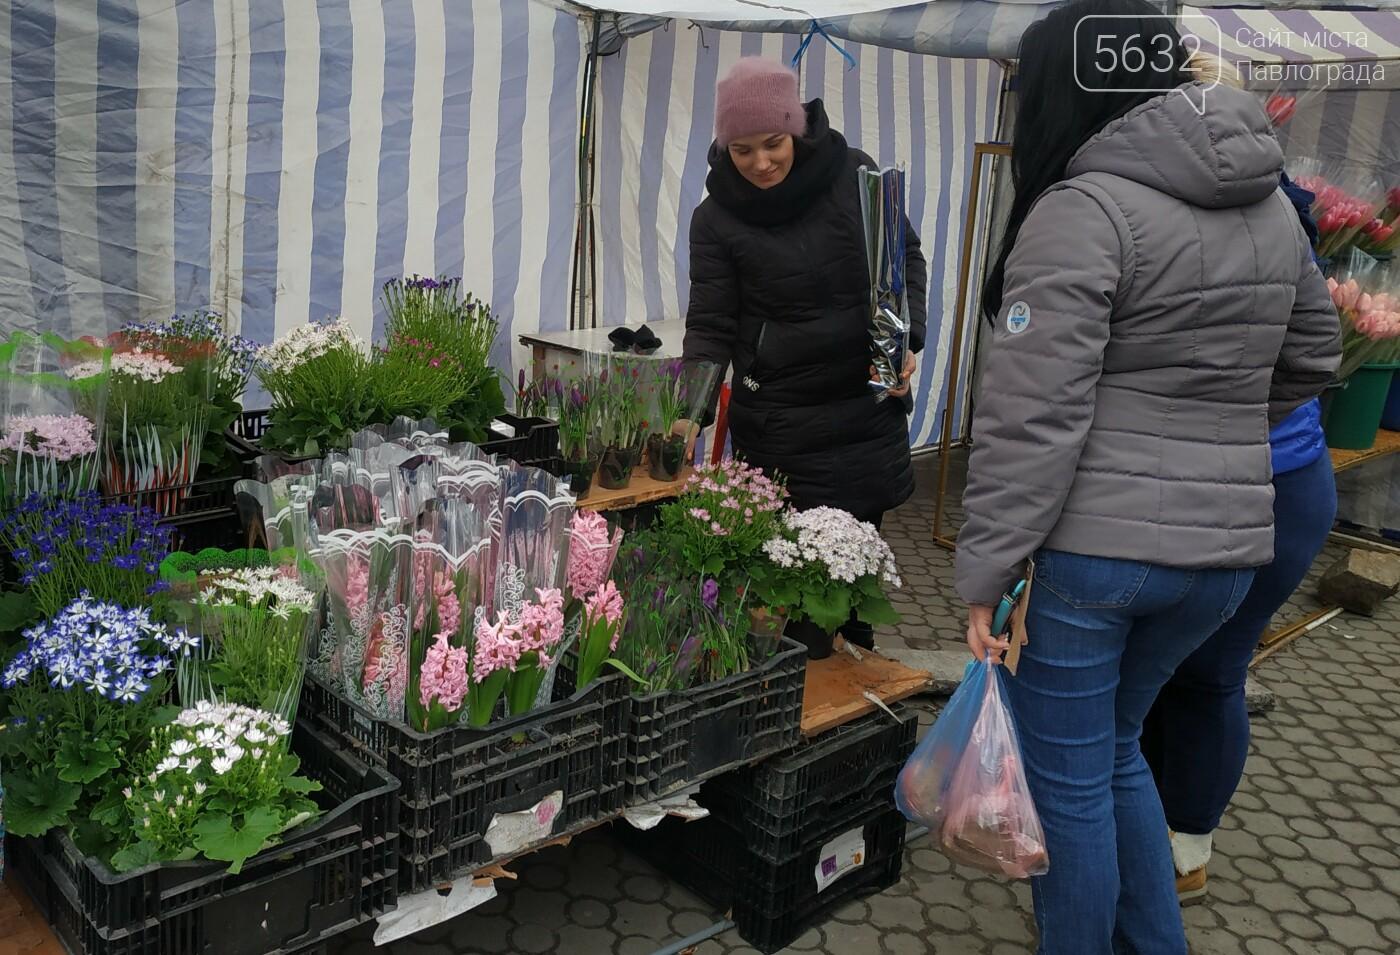 Во сколько в этом году павлоградцам обойдутся цветы к 8 марта?, фото-5